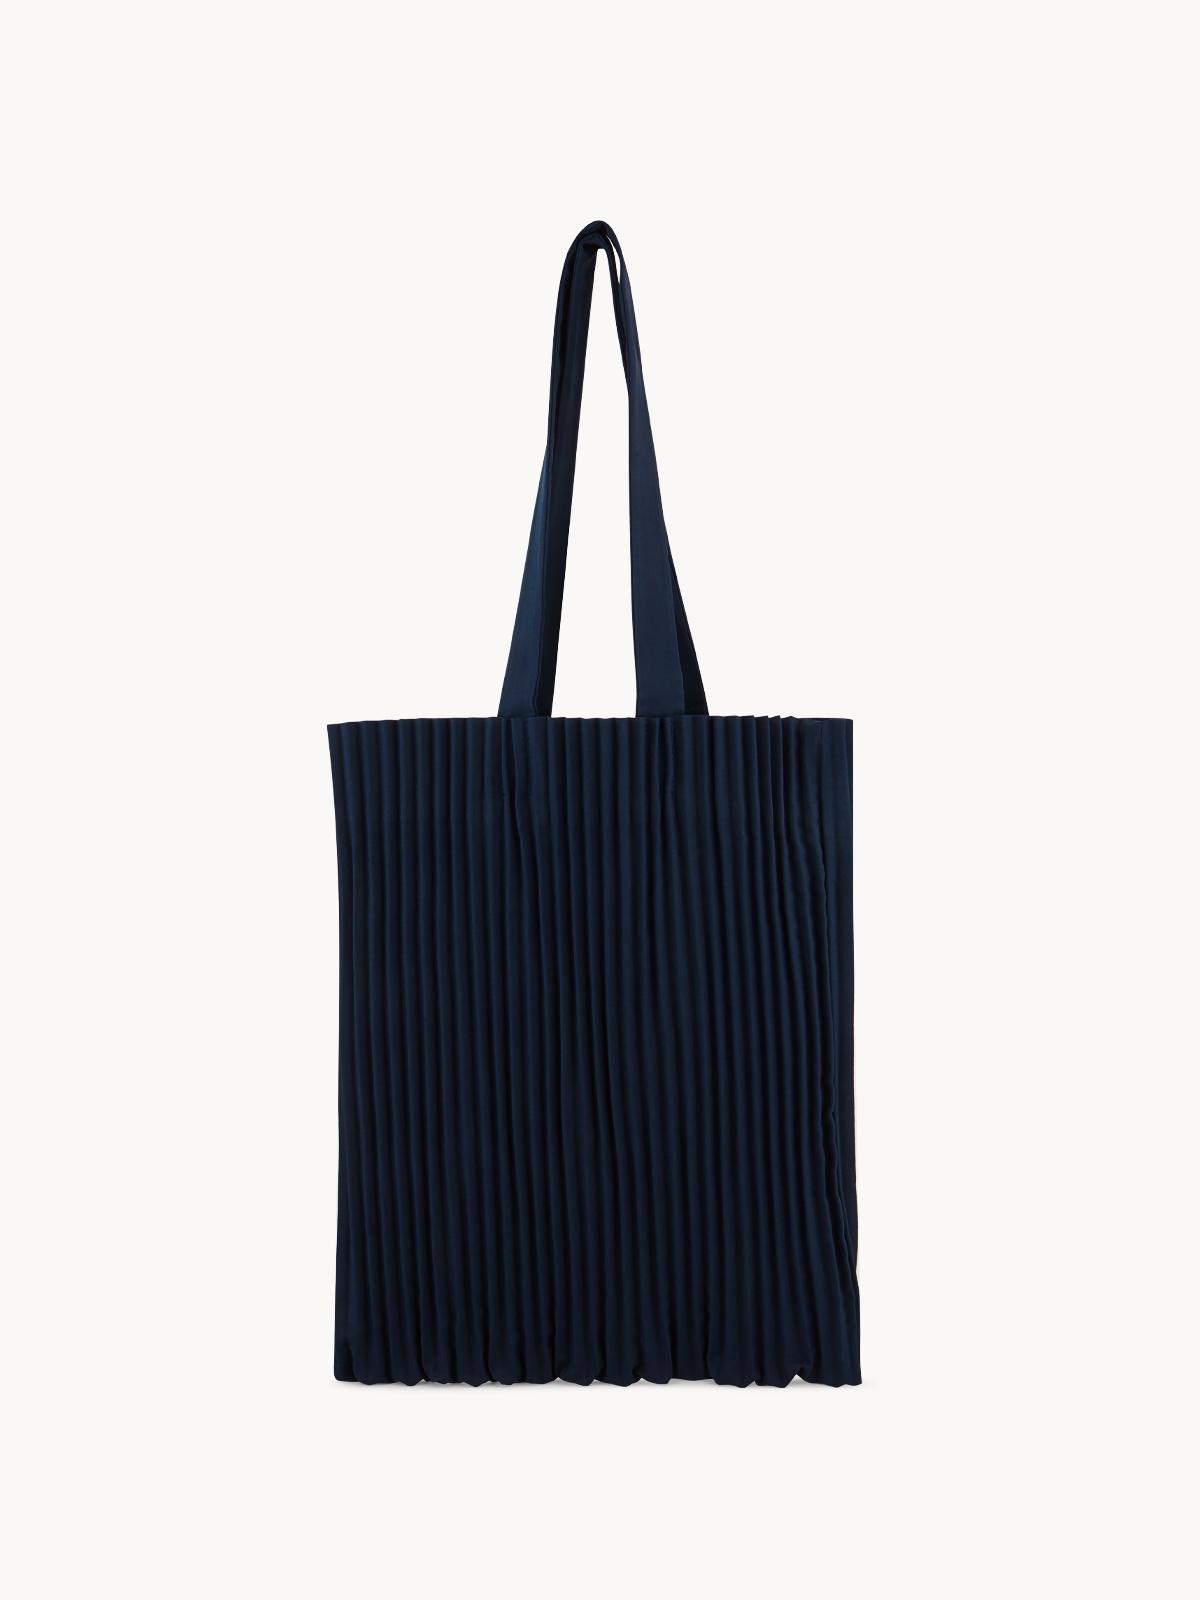 Apalepetal Pleated Tote Bag Navy